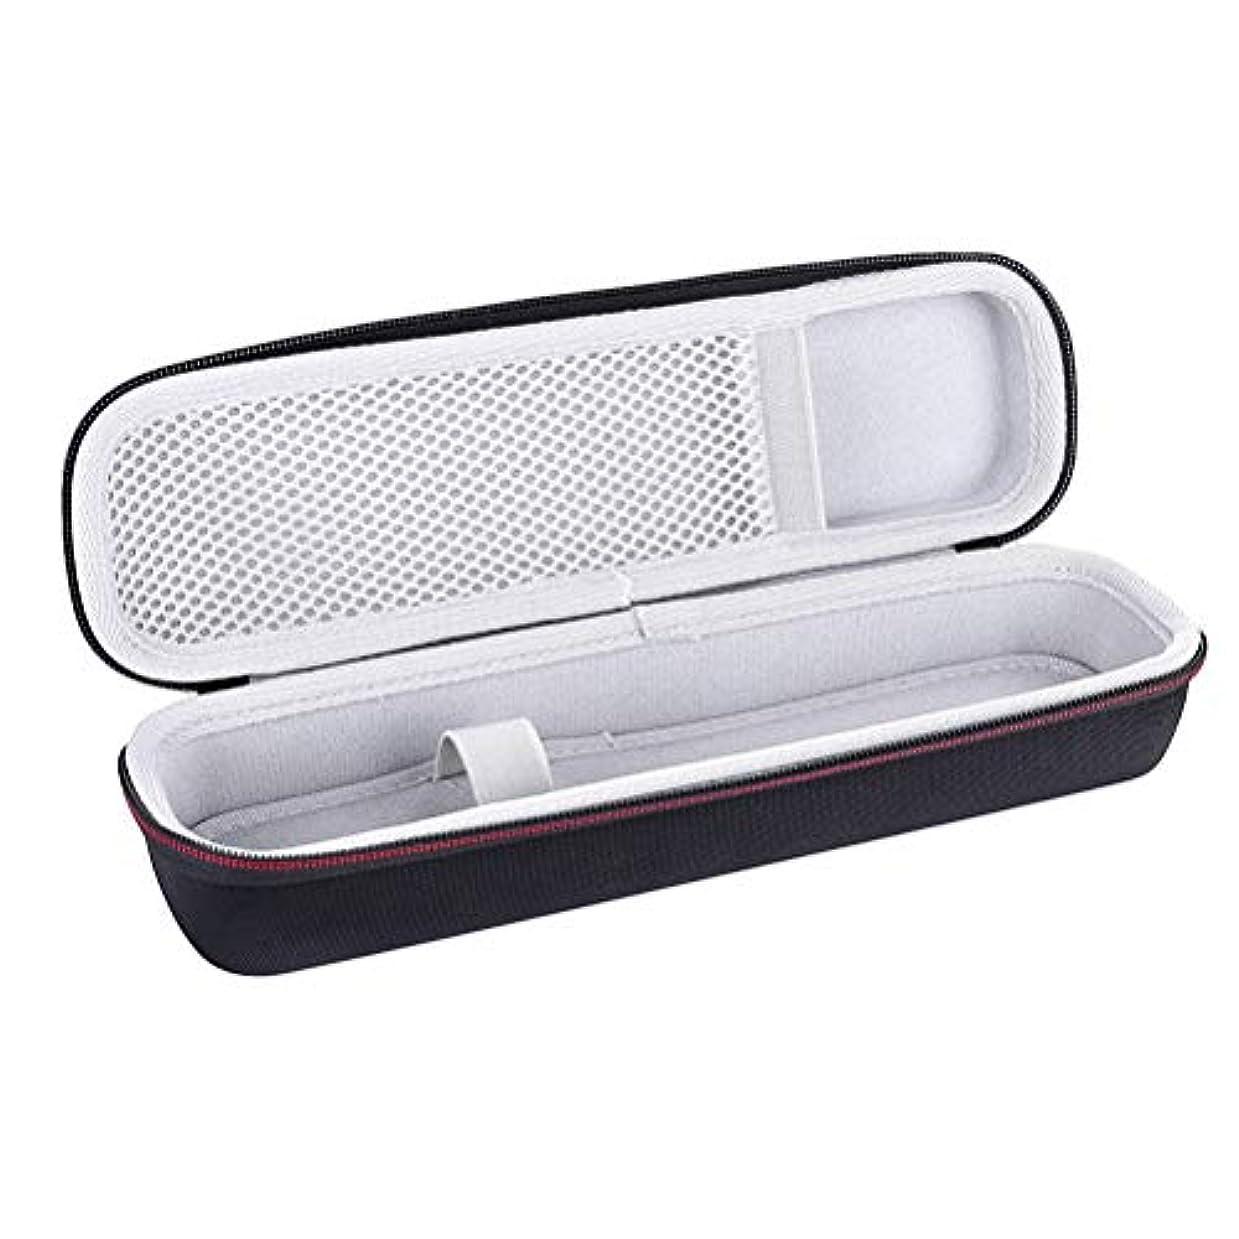 中国底ストレスHealifty 電動歯ブラシケースポータブル圧縮抵抗保護歯ブラシ収納ケース屋外旅行用